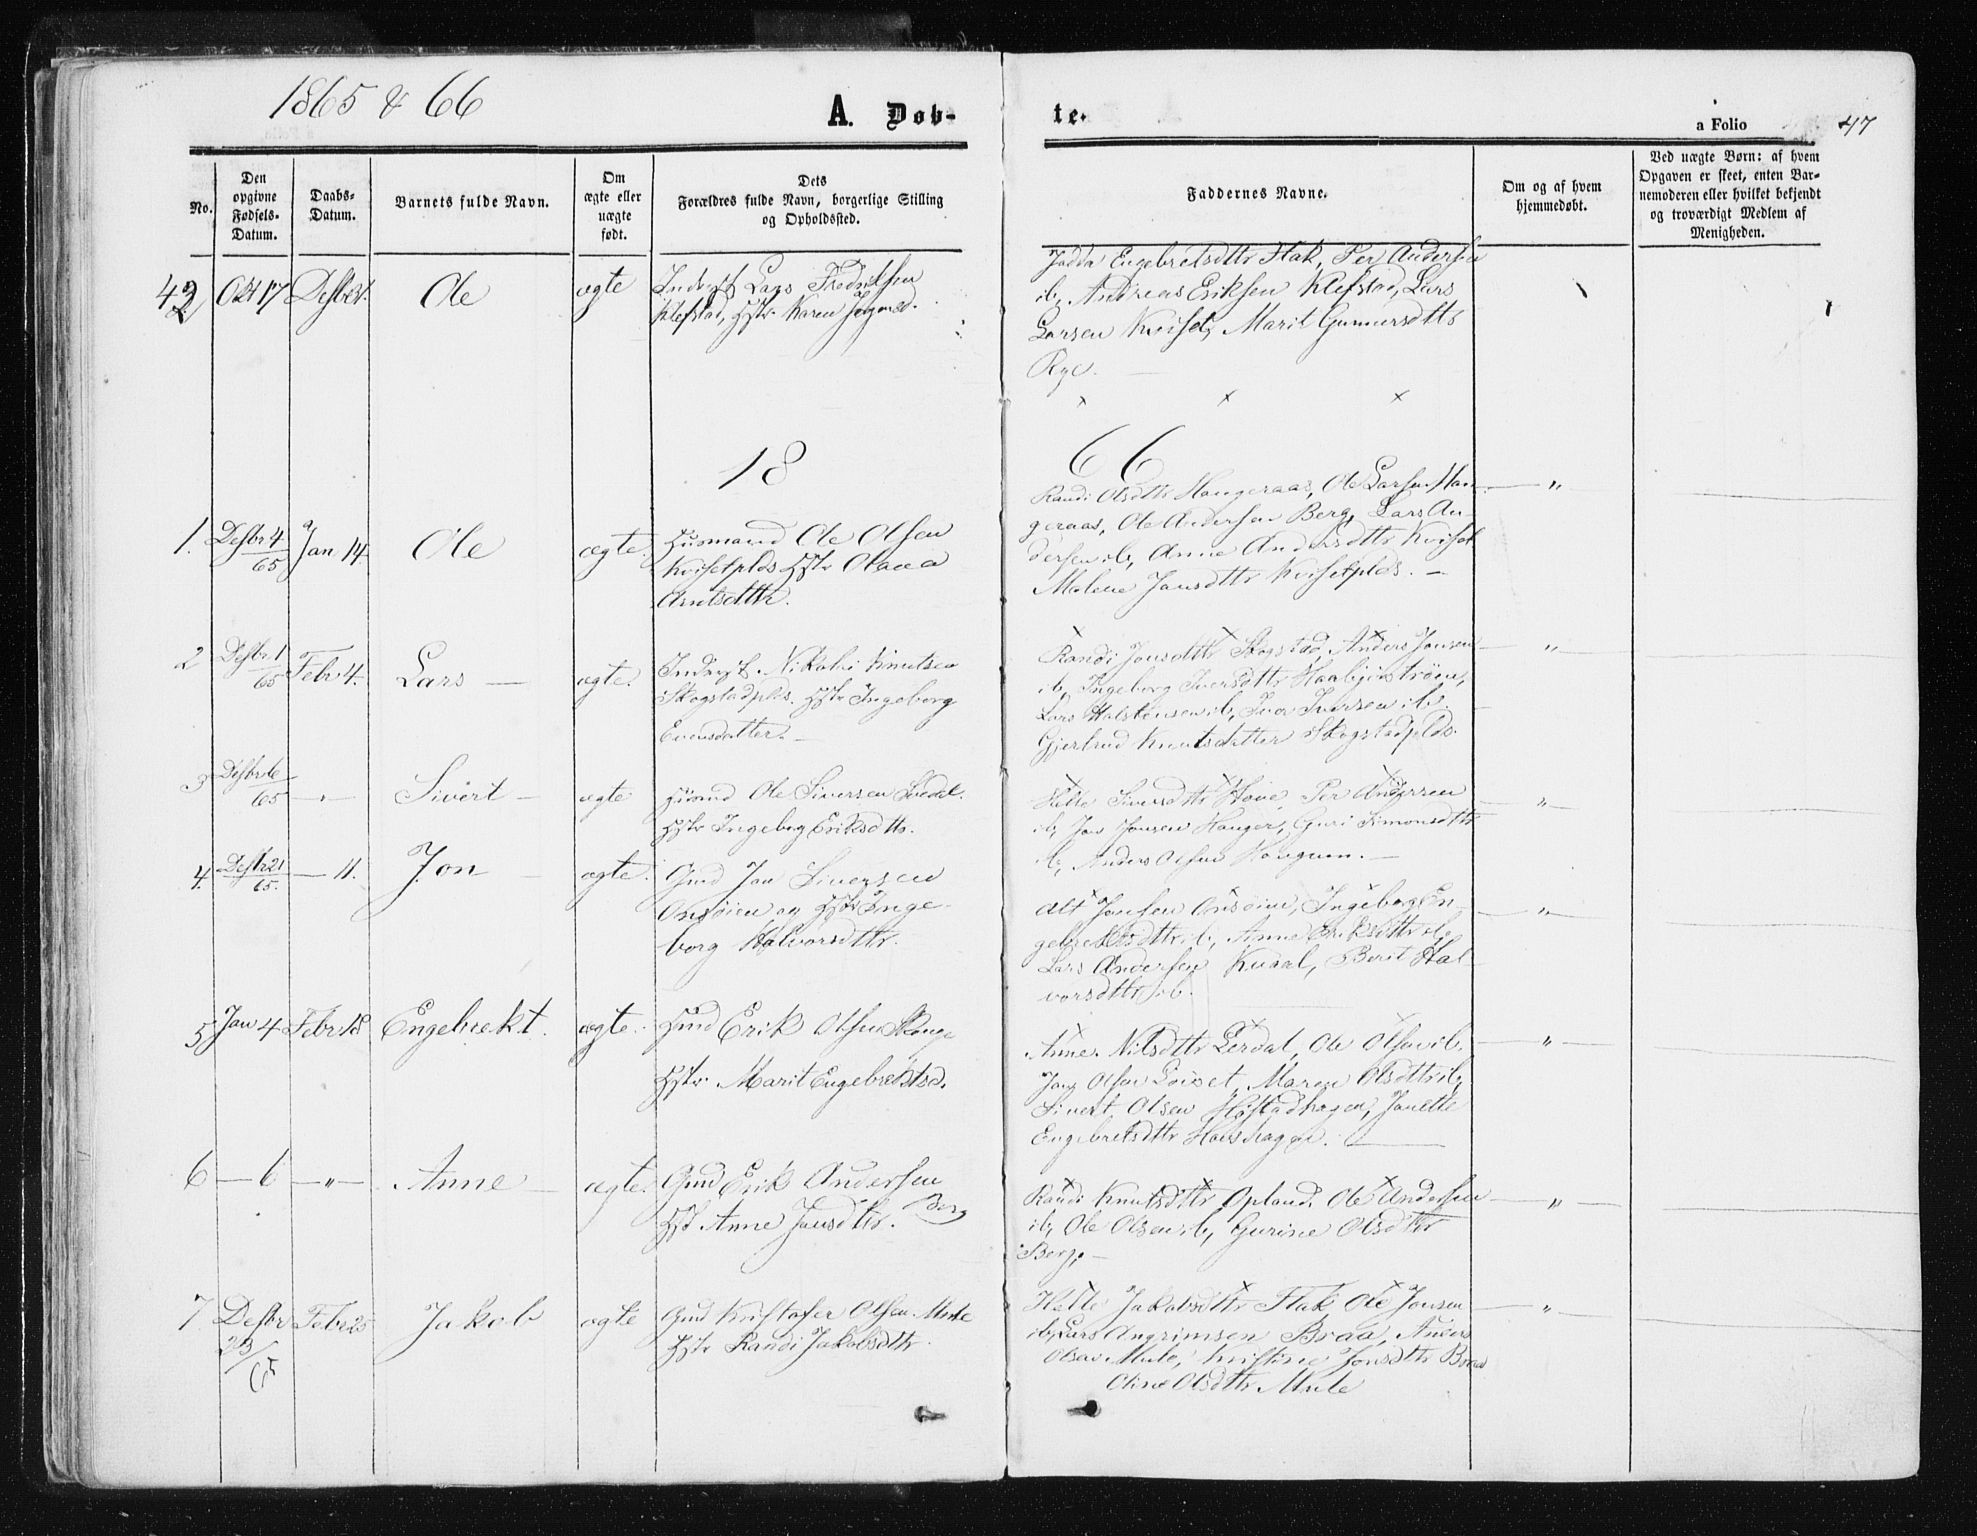 SAT, Ministerialprotokoller, klokkerbøker og fødselsregistre - Sør-Trøndelag, 612/L0377: Ministerialbok nr. 612A09, 1859-1877, s. 47